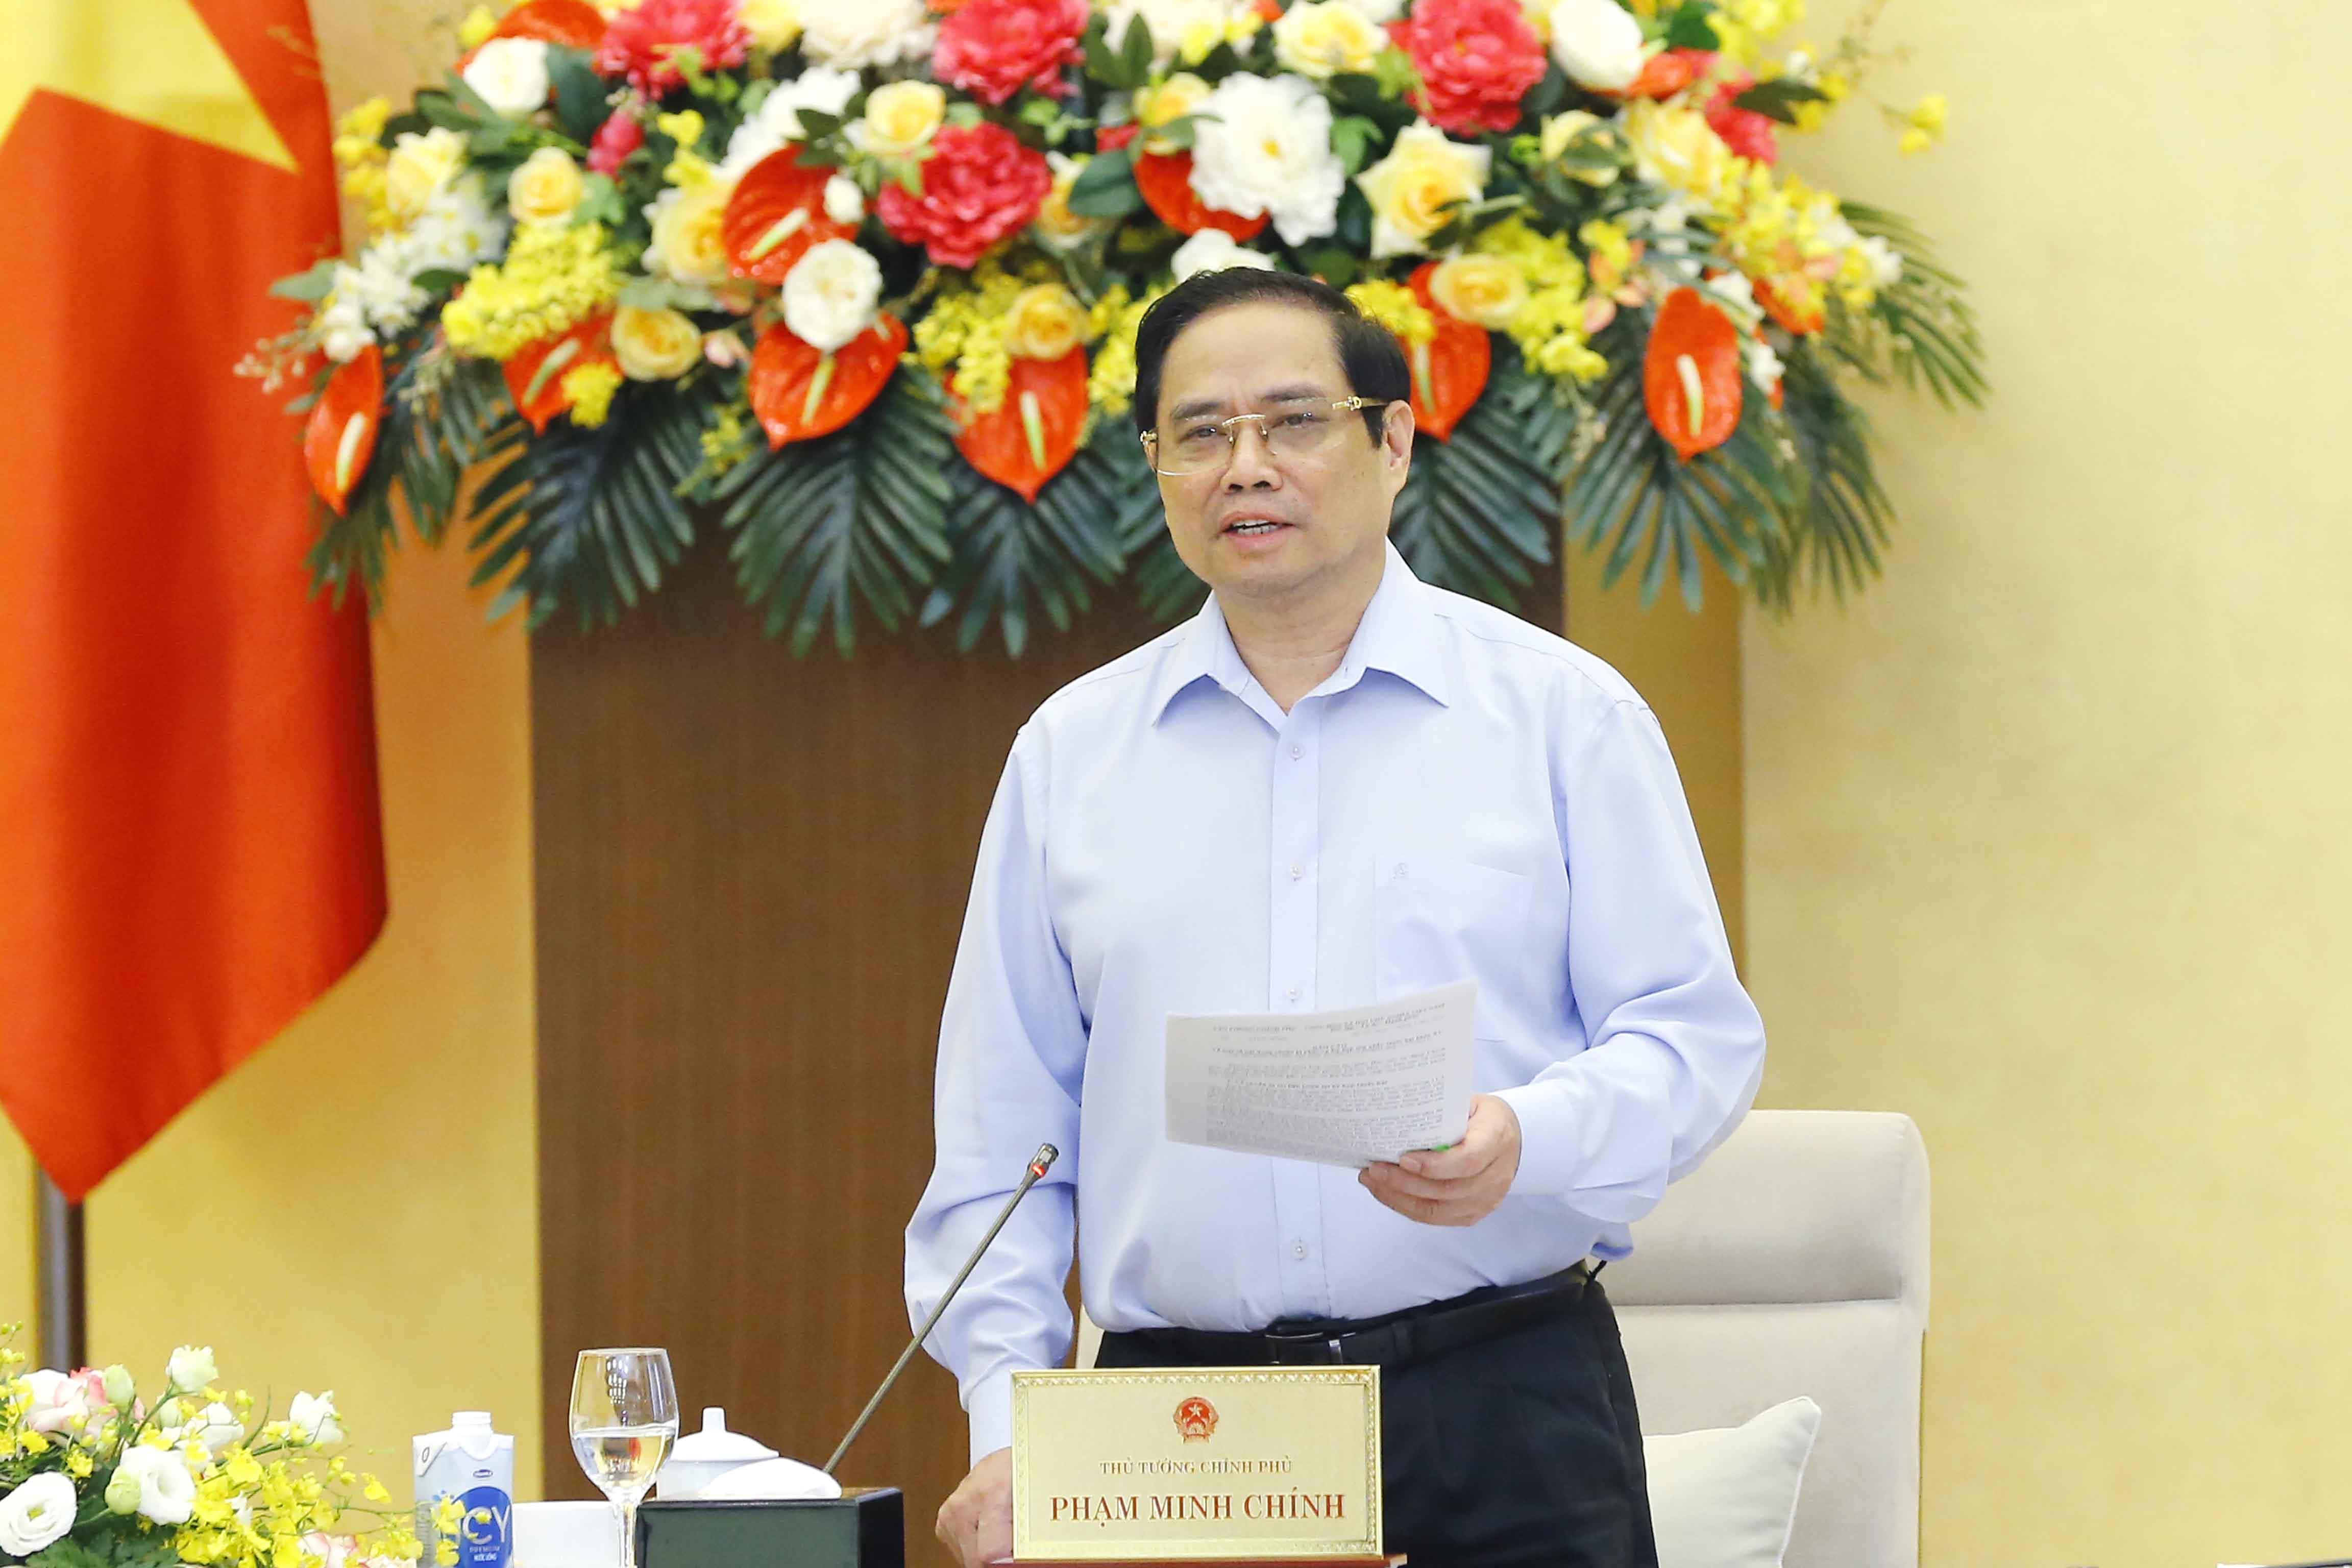 Thủ tướng Phạm Minh Chính phát biểu tại cuộc họp - Ảnh: VGP